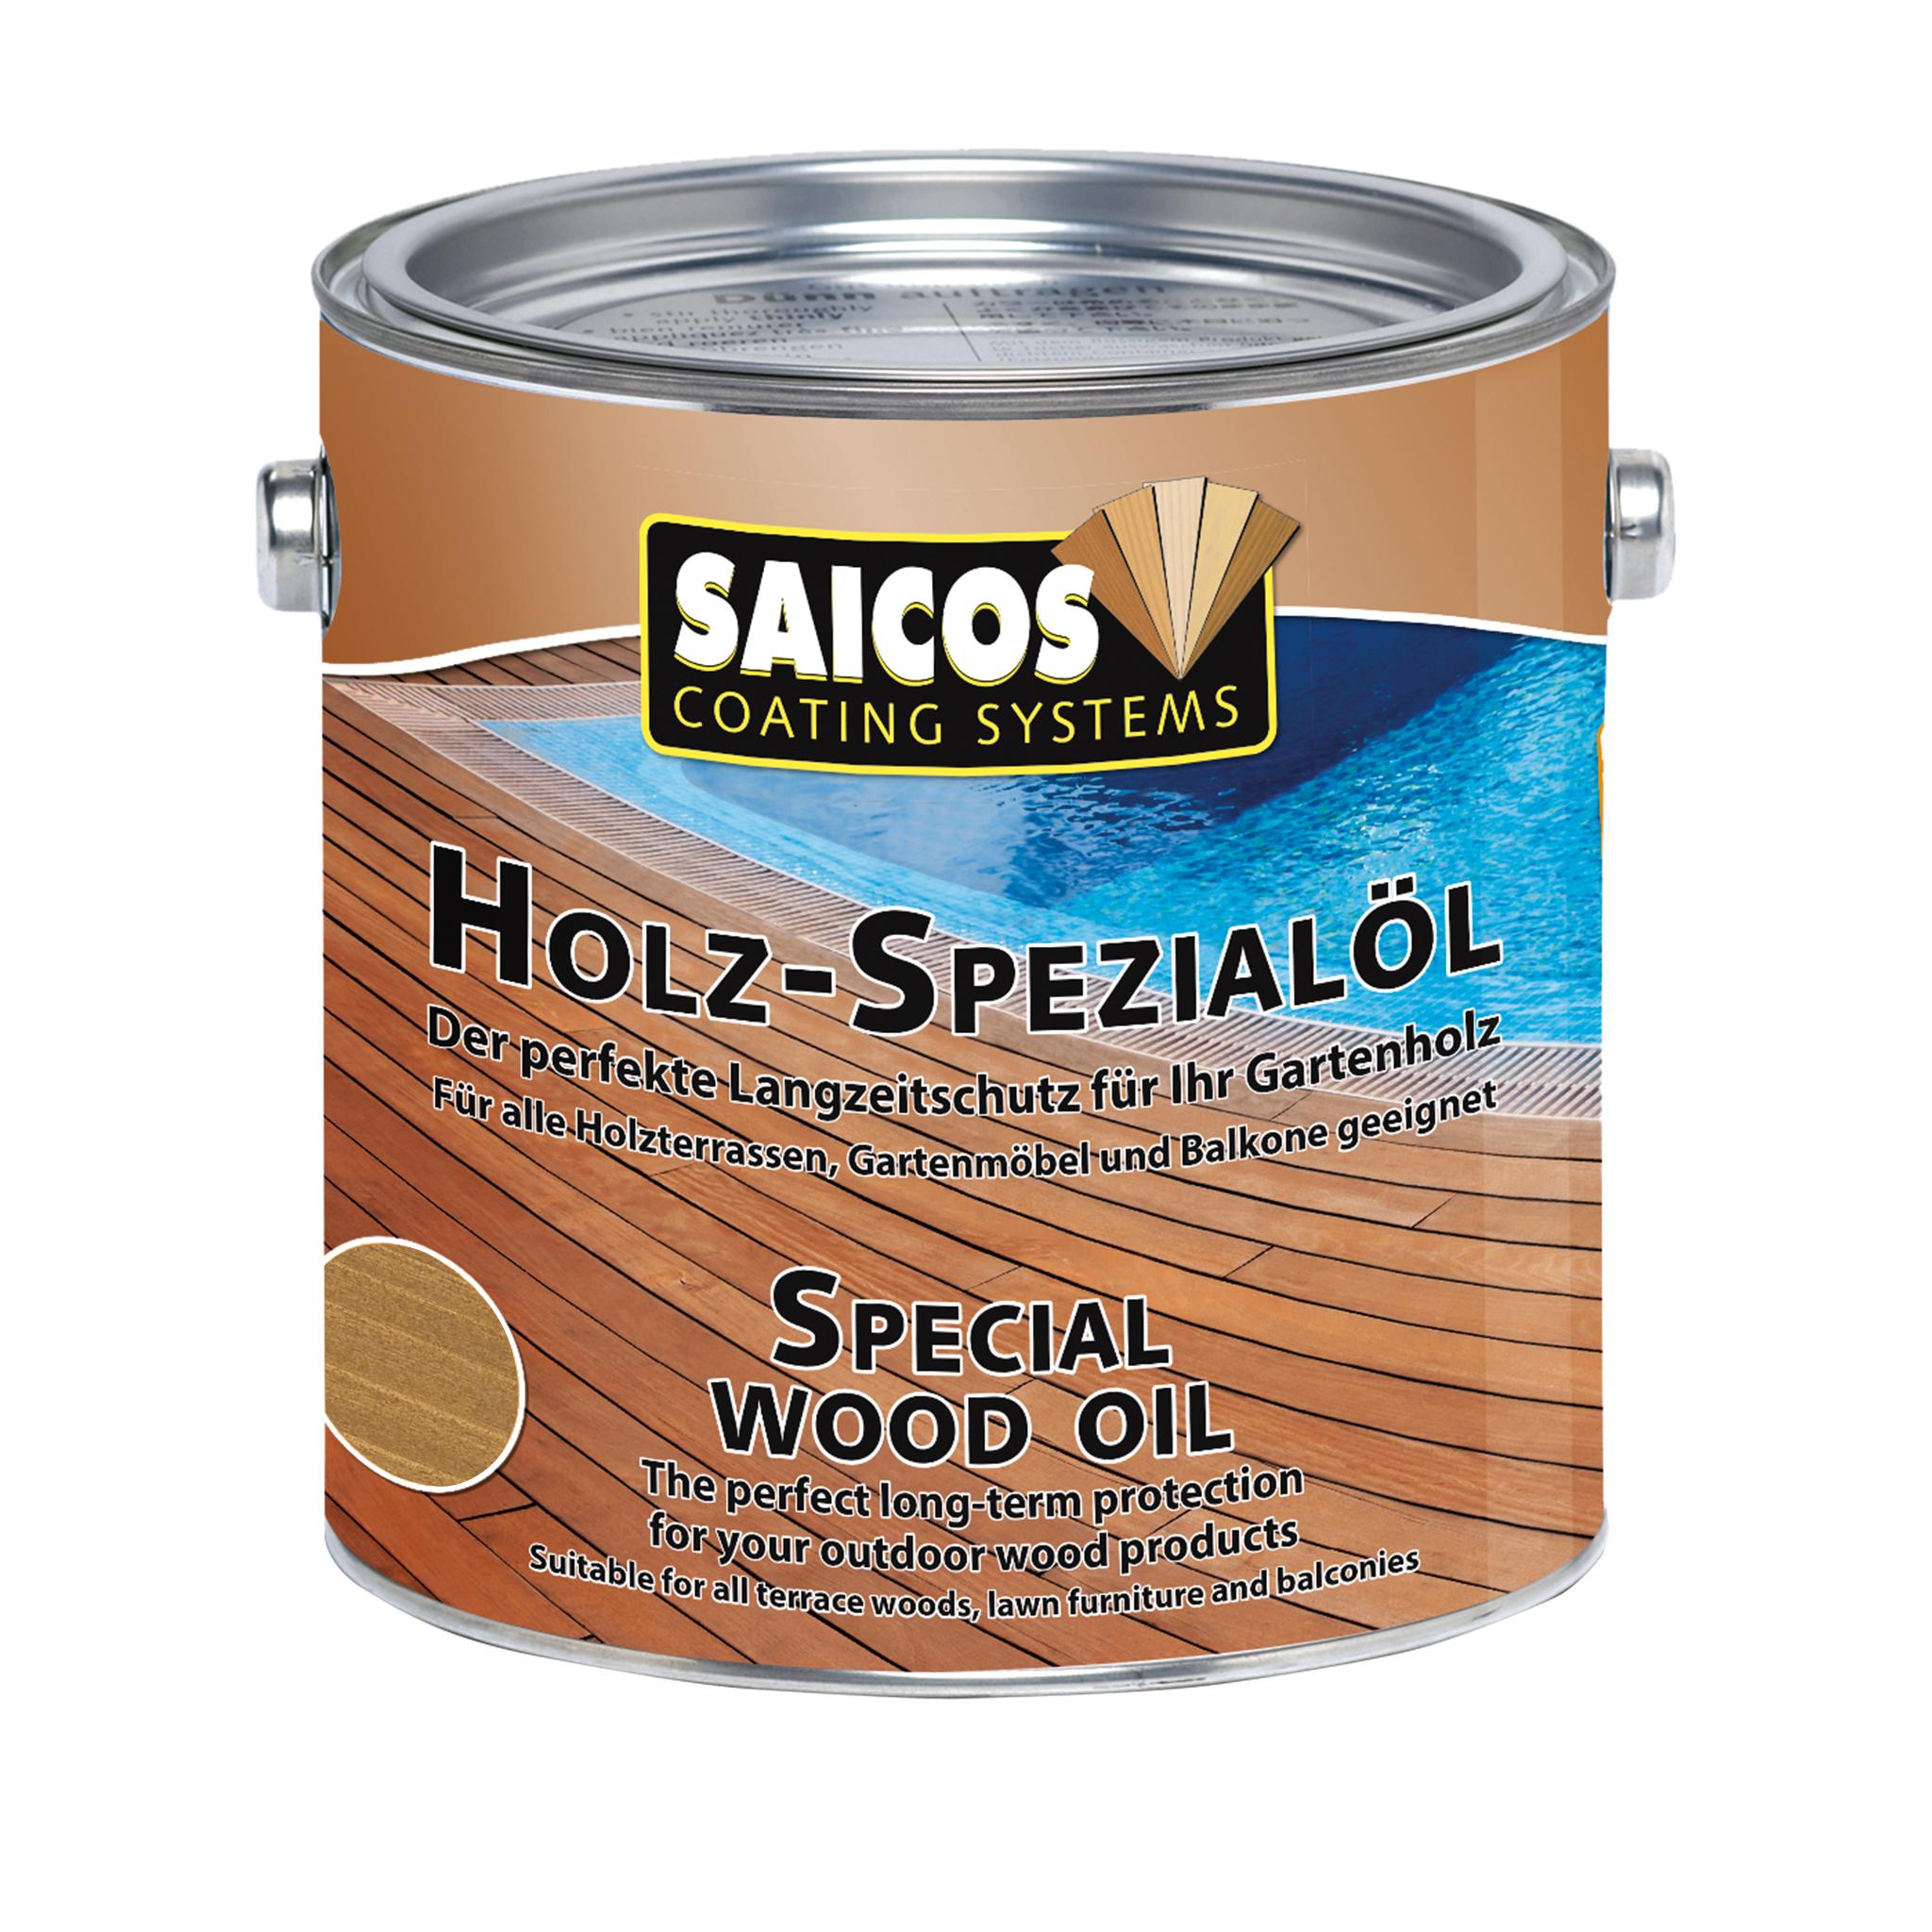 SAICOS Holz-Spezialöl Teak Öl 2,5 Ltr.